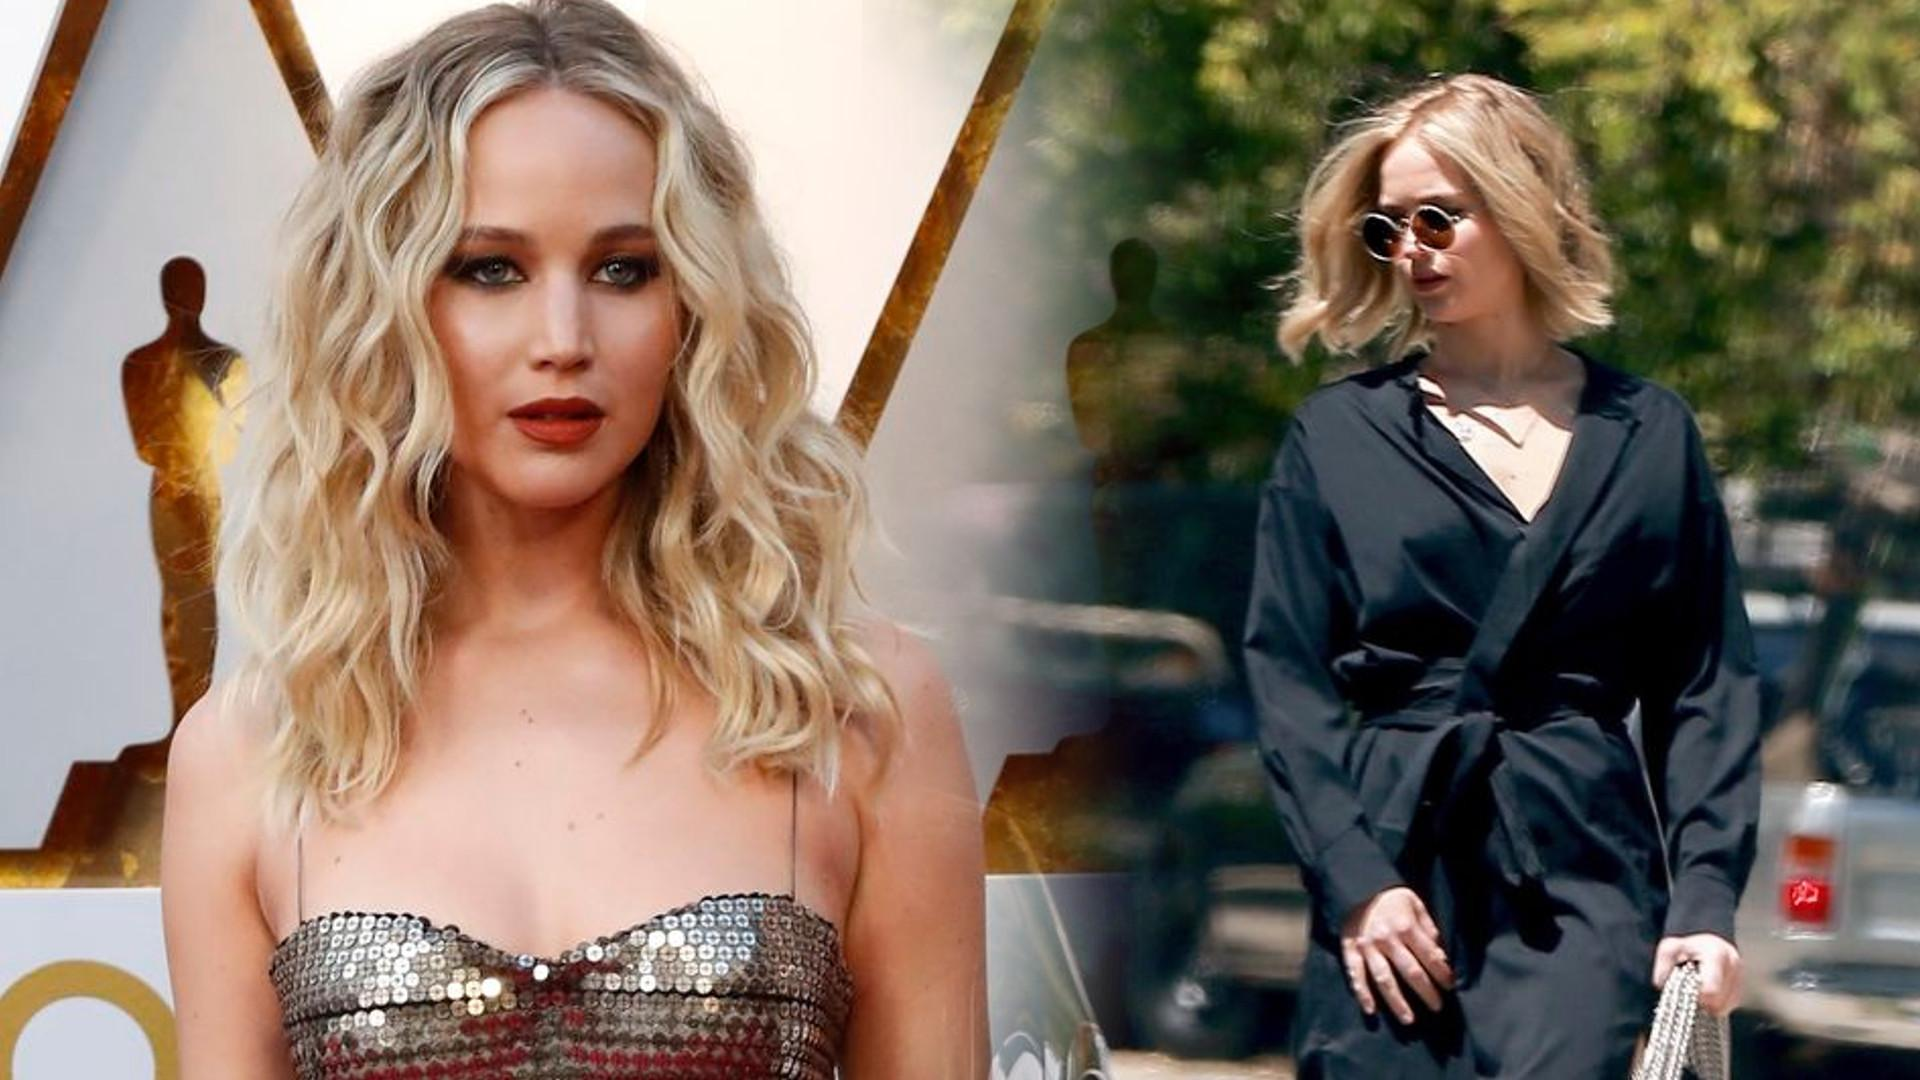 Haker, który udostępnił NAGIE zdjęcia Jennifer Lawrence, został SKAZANY